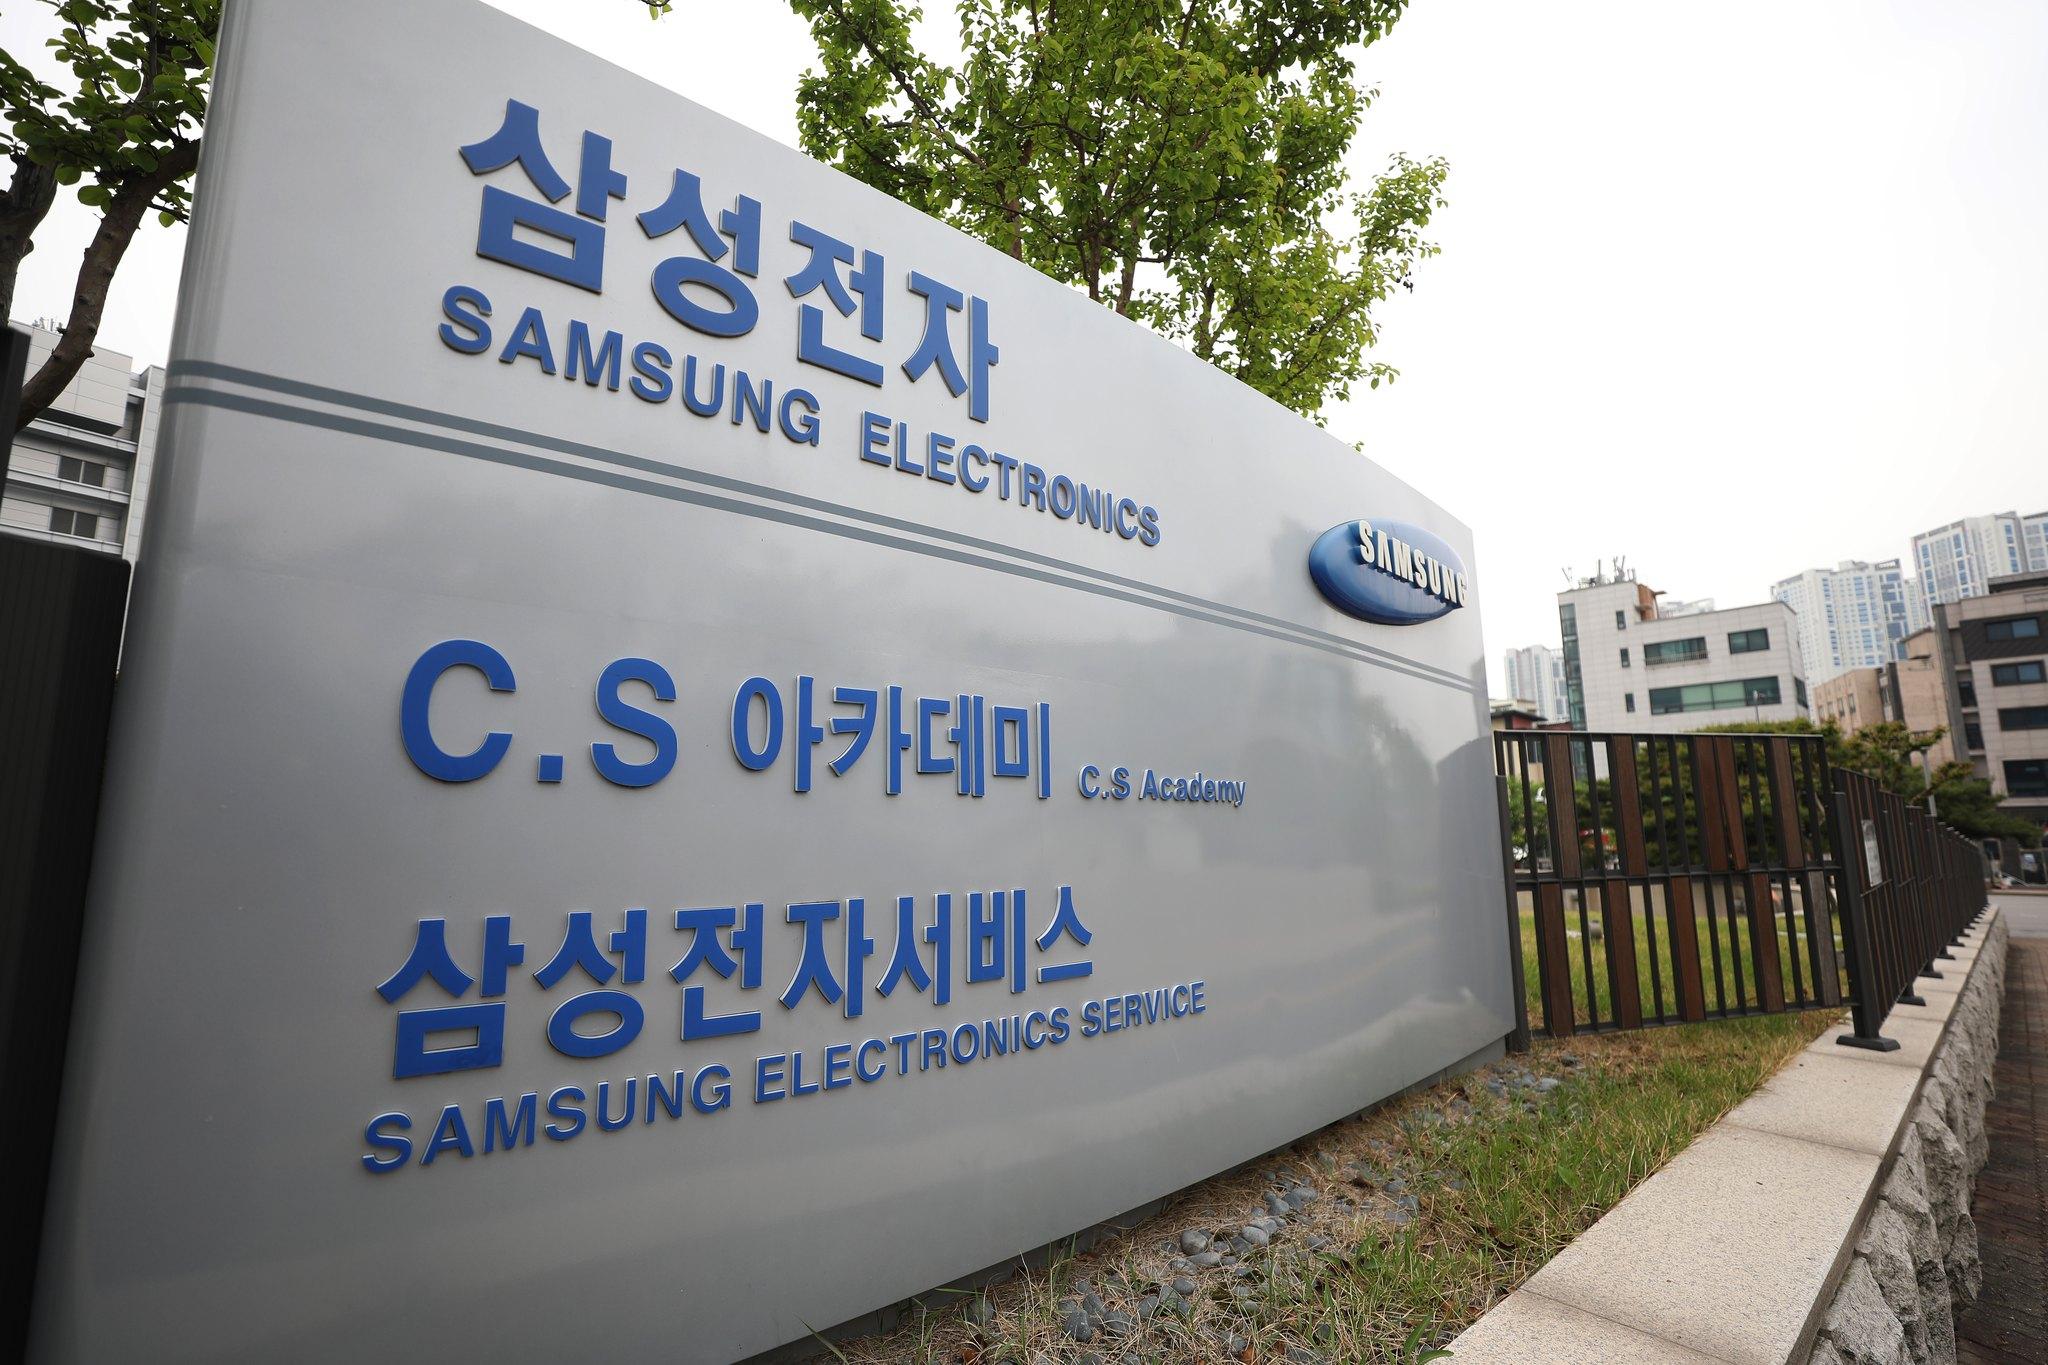 경기도 수원시 삼성전자서비스 본사에 적막감이 흐르고 있다. [뉴스1]